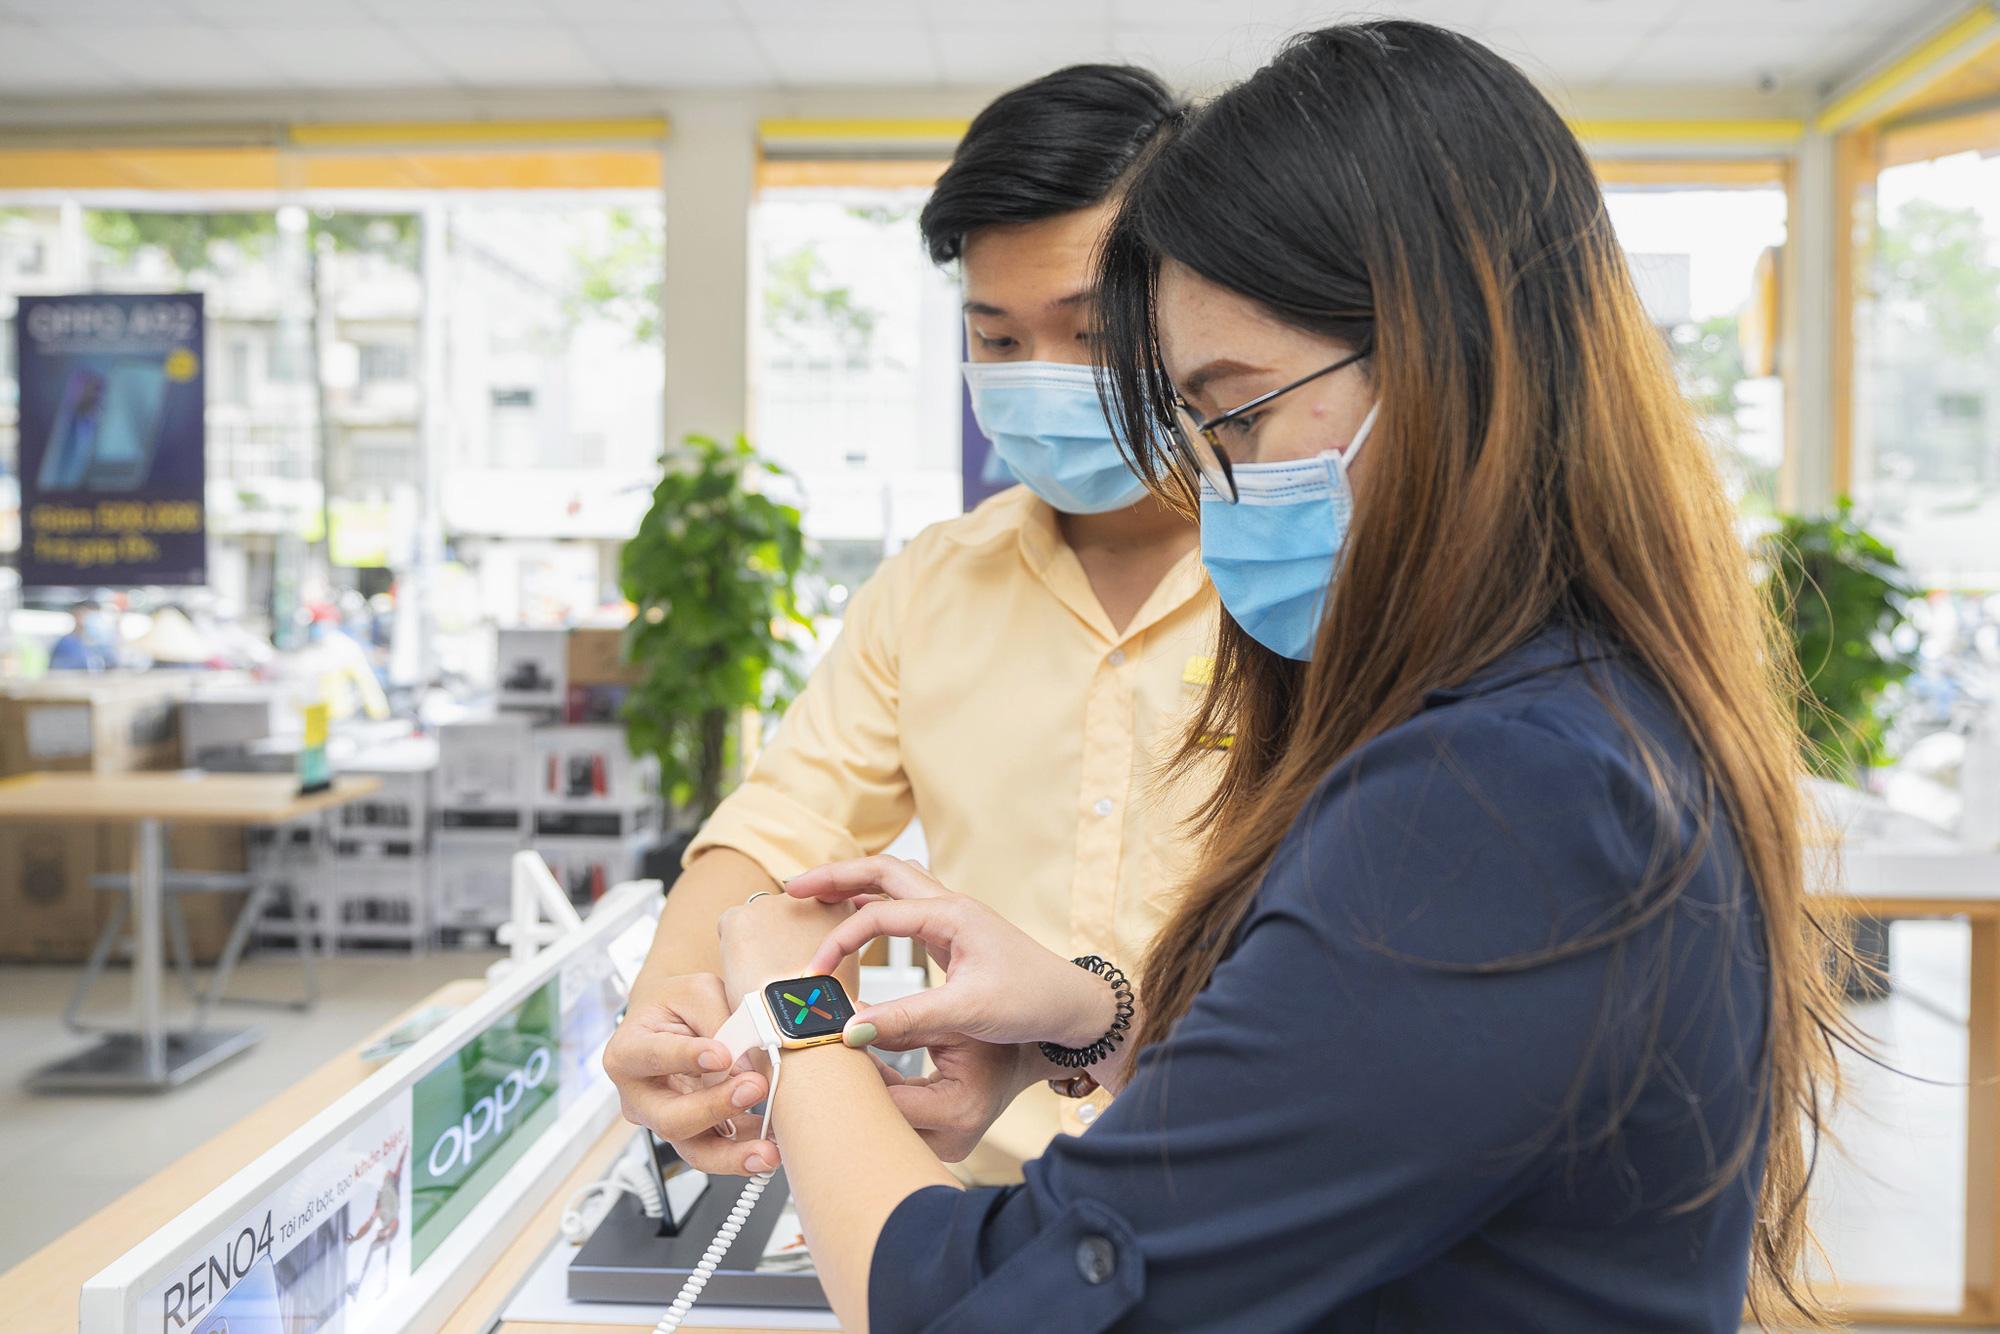 Thế Giới Di Động kí kết phân phối độc quyền chiếc smartwatch đầu tiên của OPPO, mục tiêu bán 20.000 chiếc trong 3 tháng - Ảnh 1.